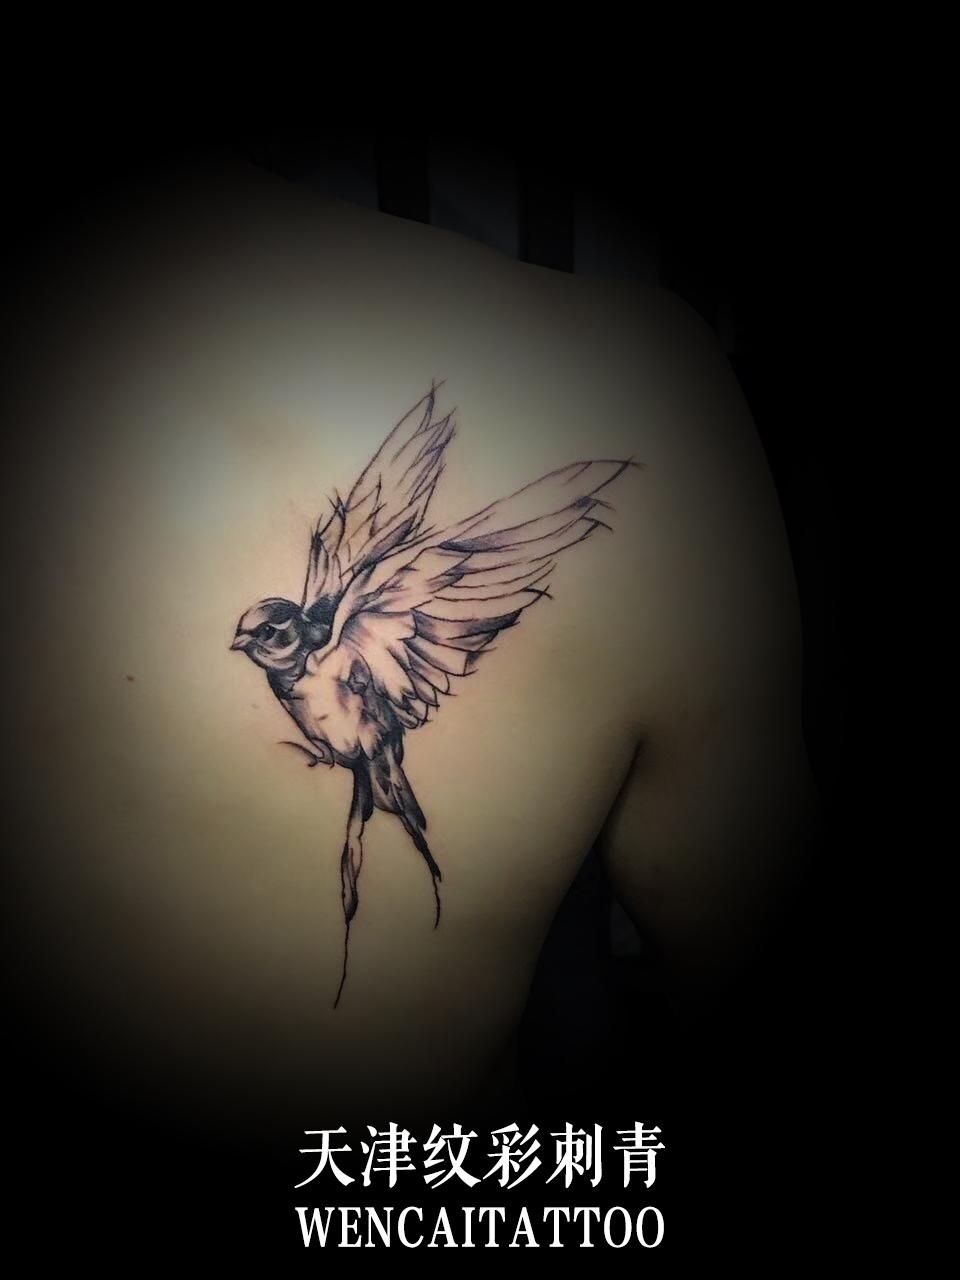 焦先生的孩子很喜欢飞鸟,为了迎合自己孩子的喜好,所以他被迫在自己的后背纹了这个飞鸟的图案。当然啦,他自己的内心对于飞鸟这个图也是不排斥的,不然的话他也不会这么开心的就纹了。